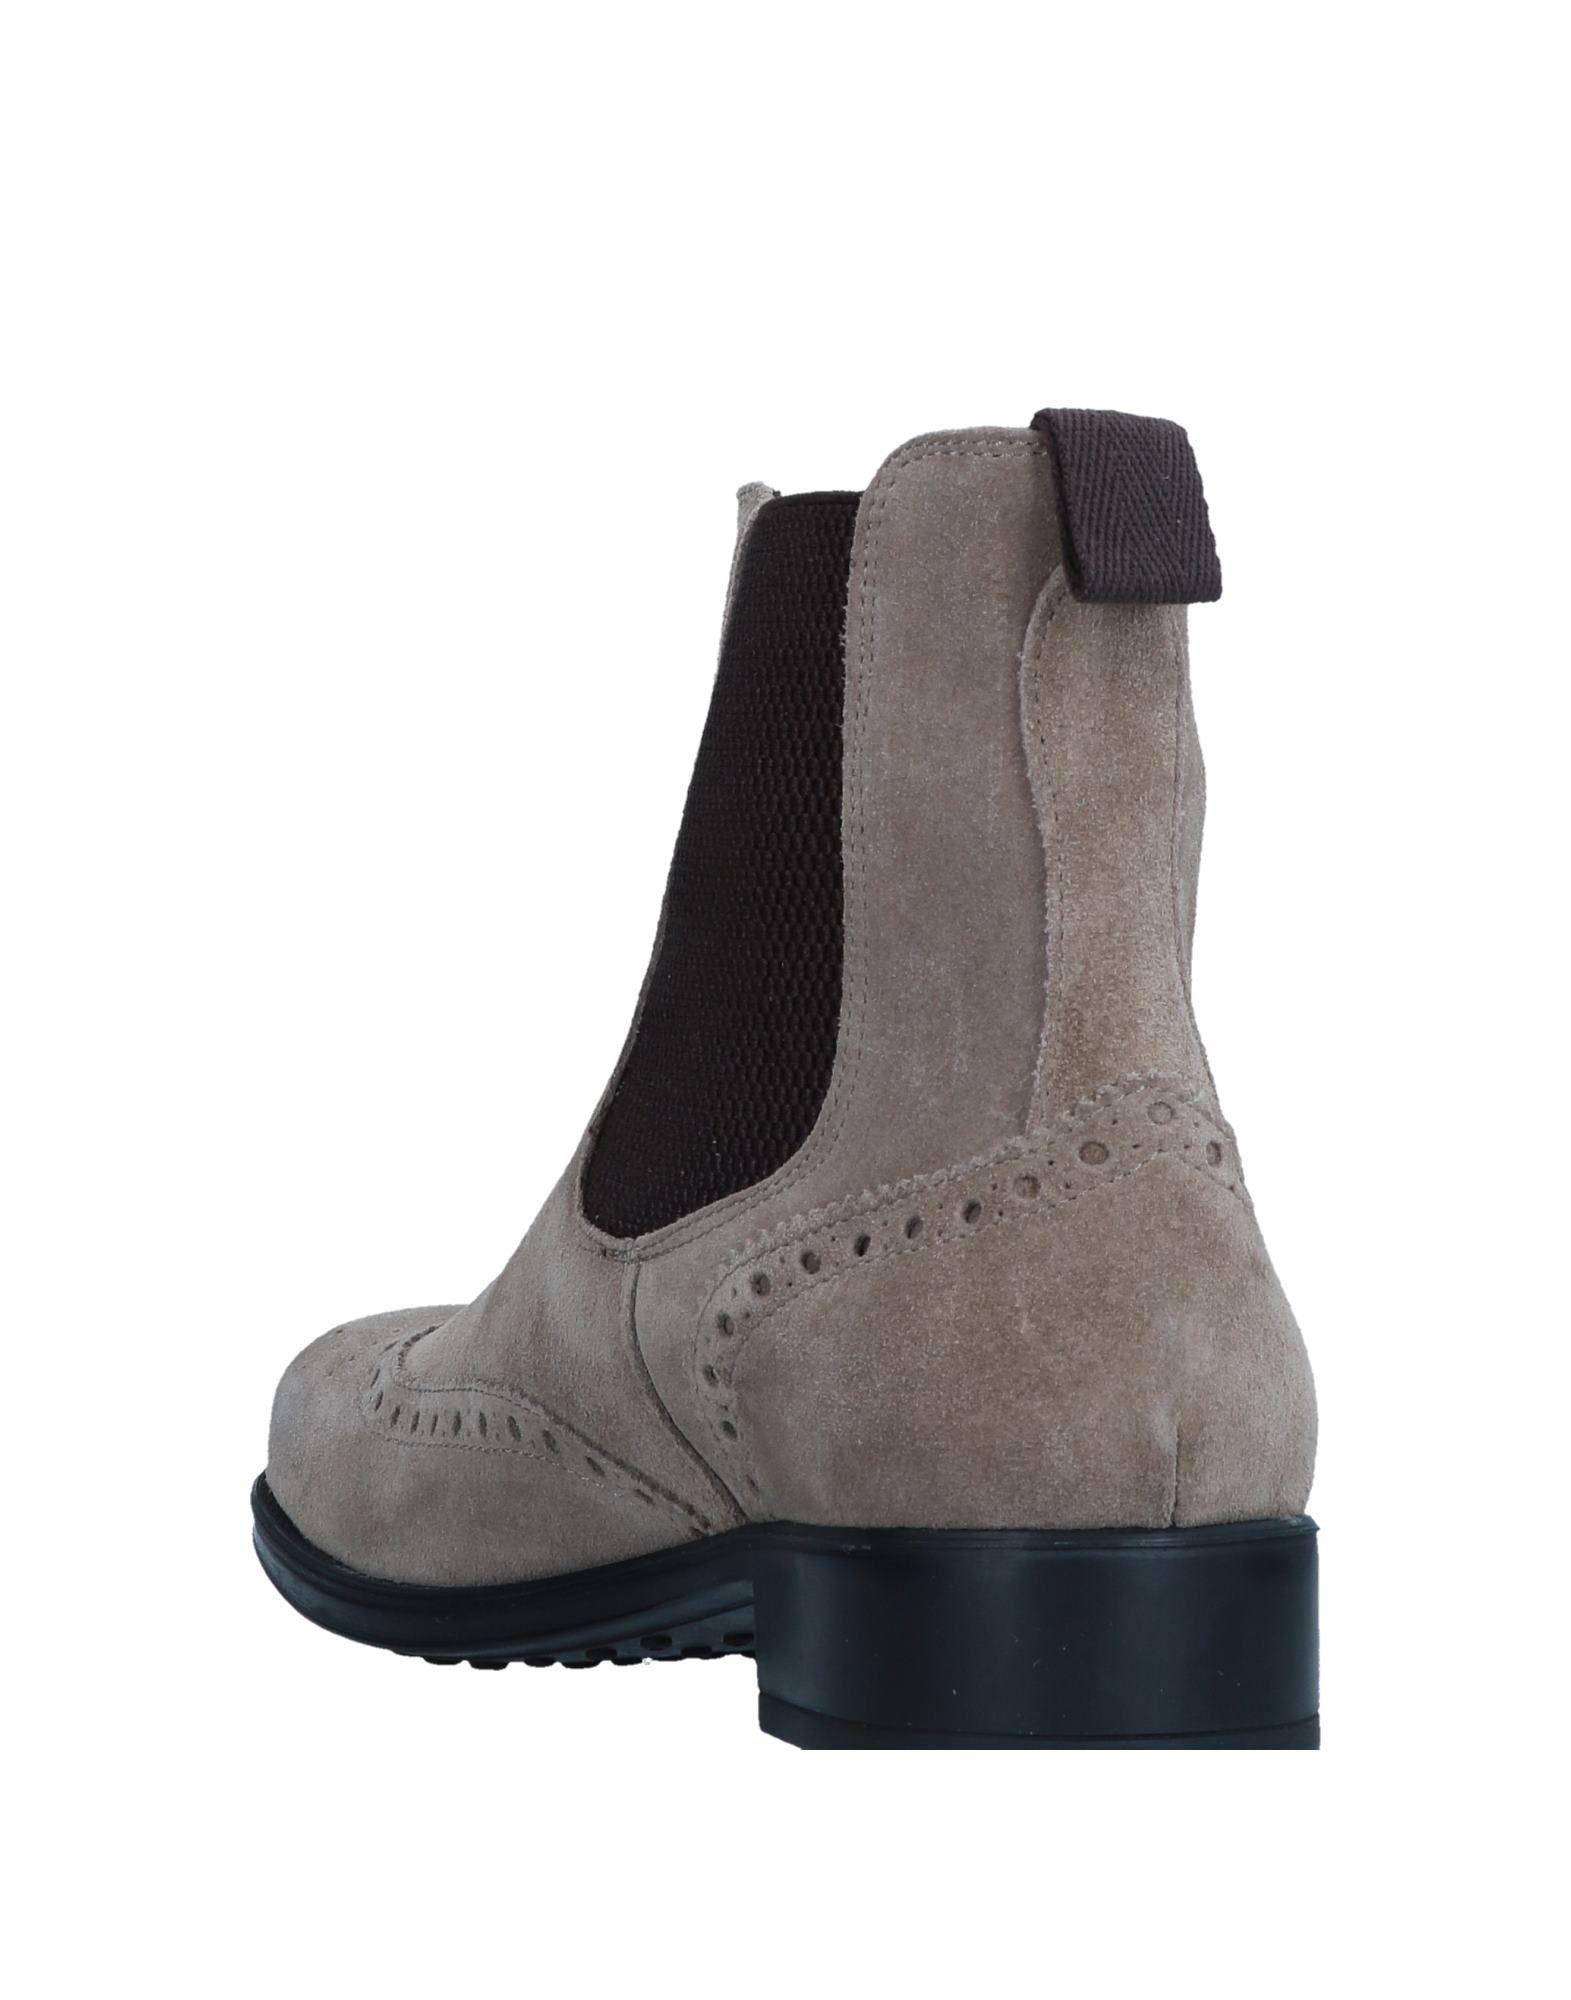 Gut Chelsea um billige Schuhe zu tragenHundred 100 Chelsea Gut Boots Damen  11546201QE 09747e